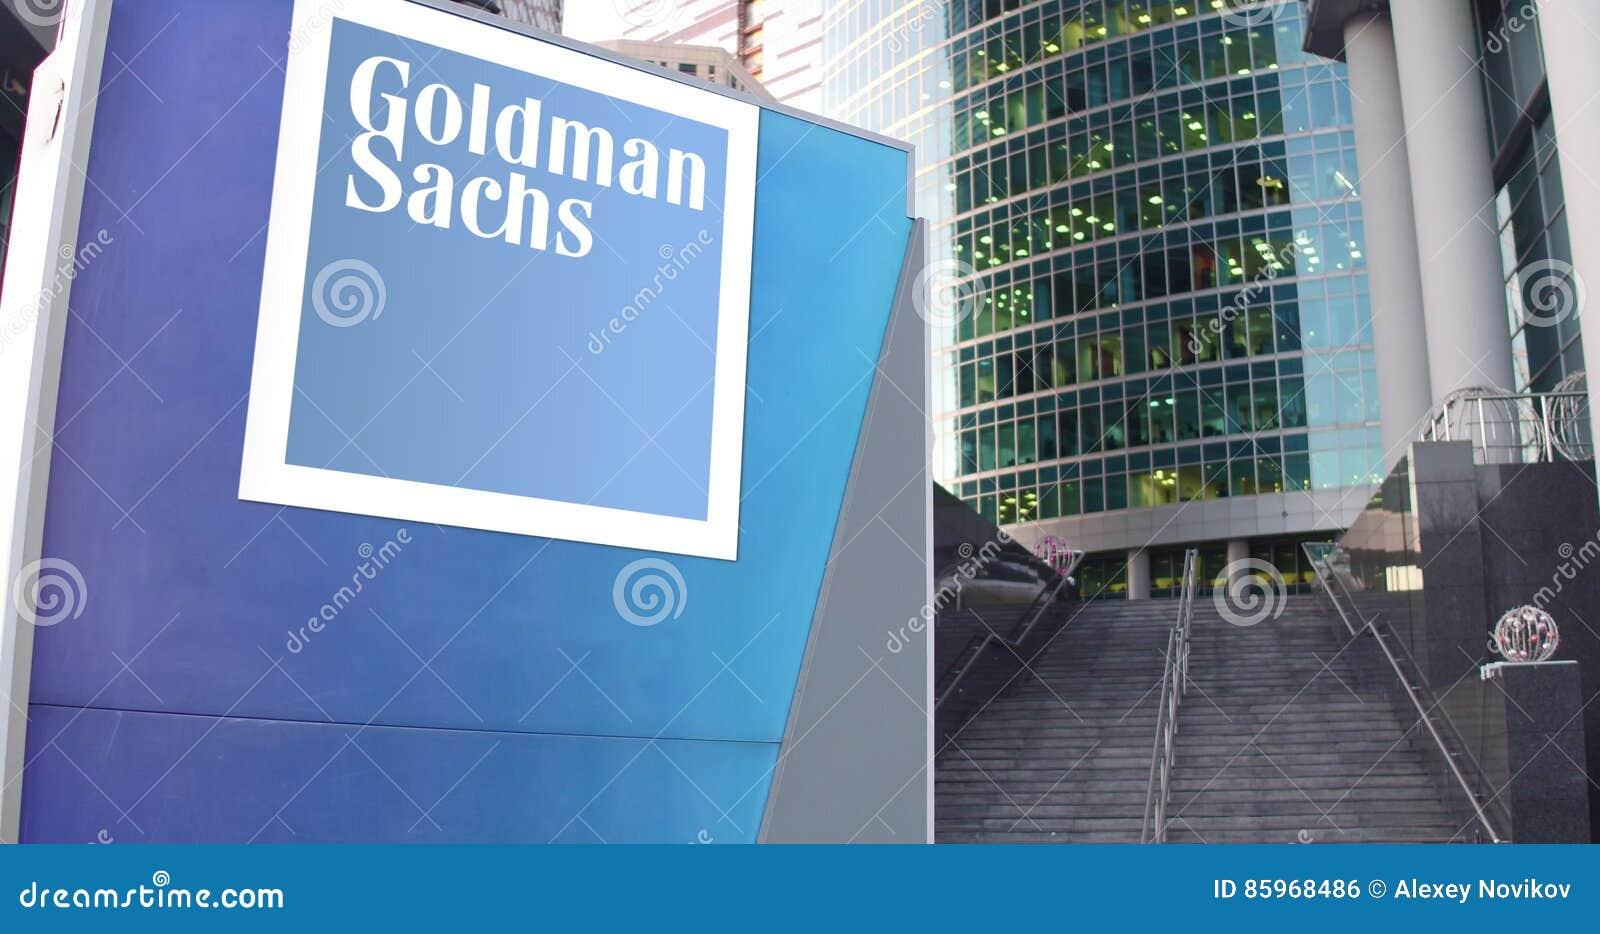 Доска с группой Goldman Sachs, Inc signage улицы логос Современные небоскреб центра офиса и предпосылка лестниц